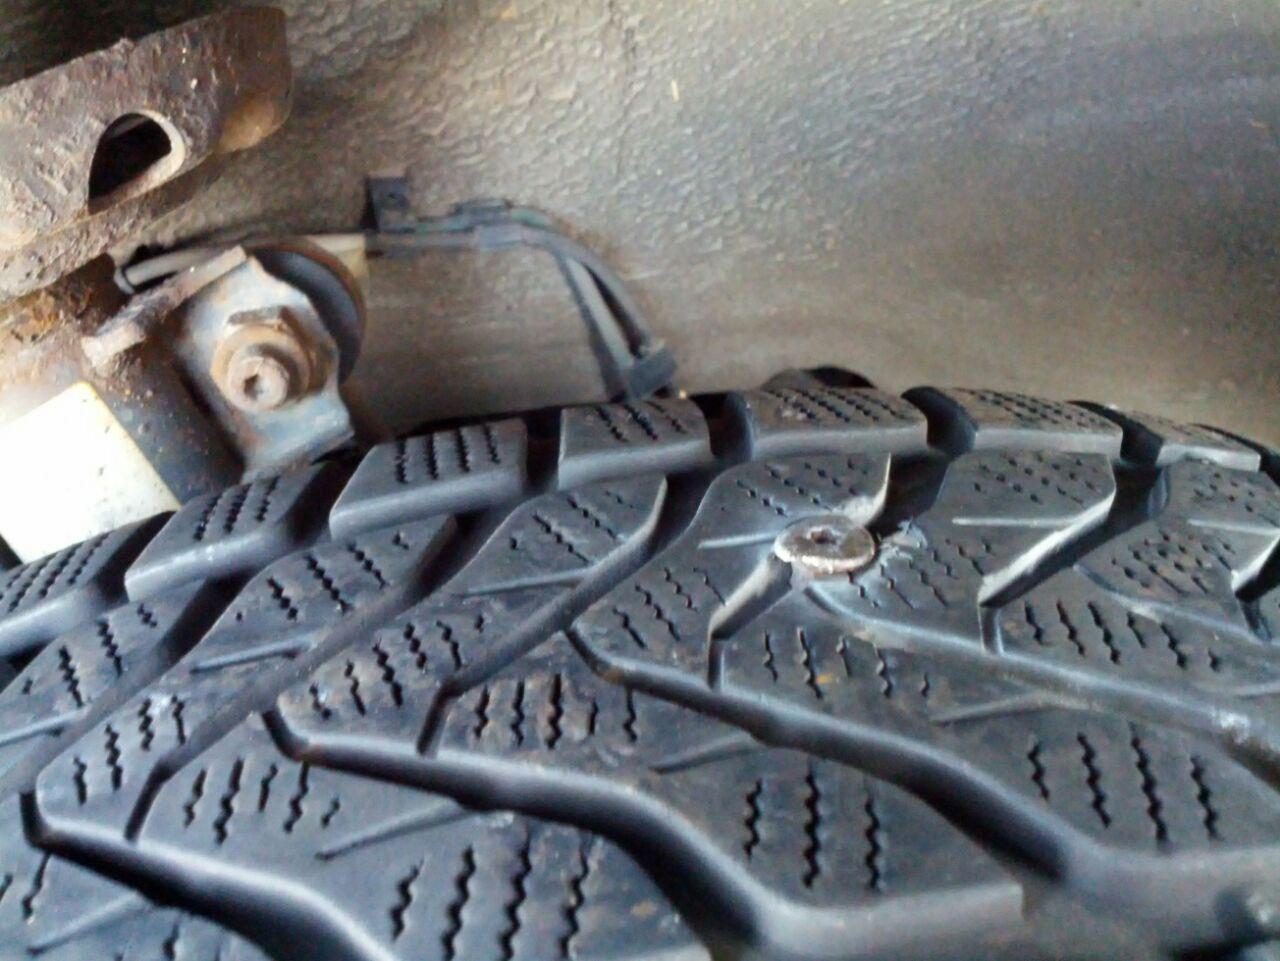 Flat tire again